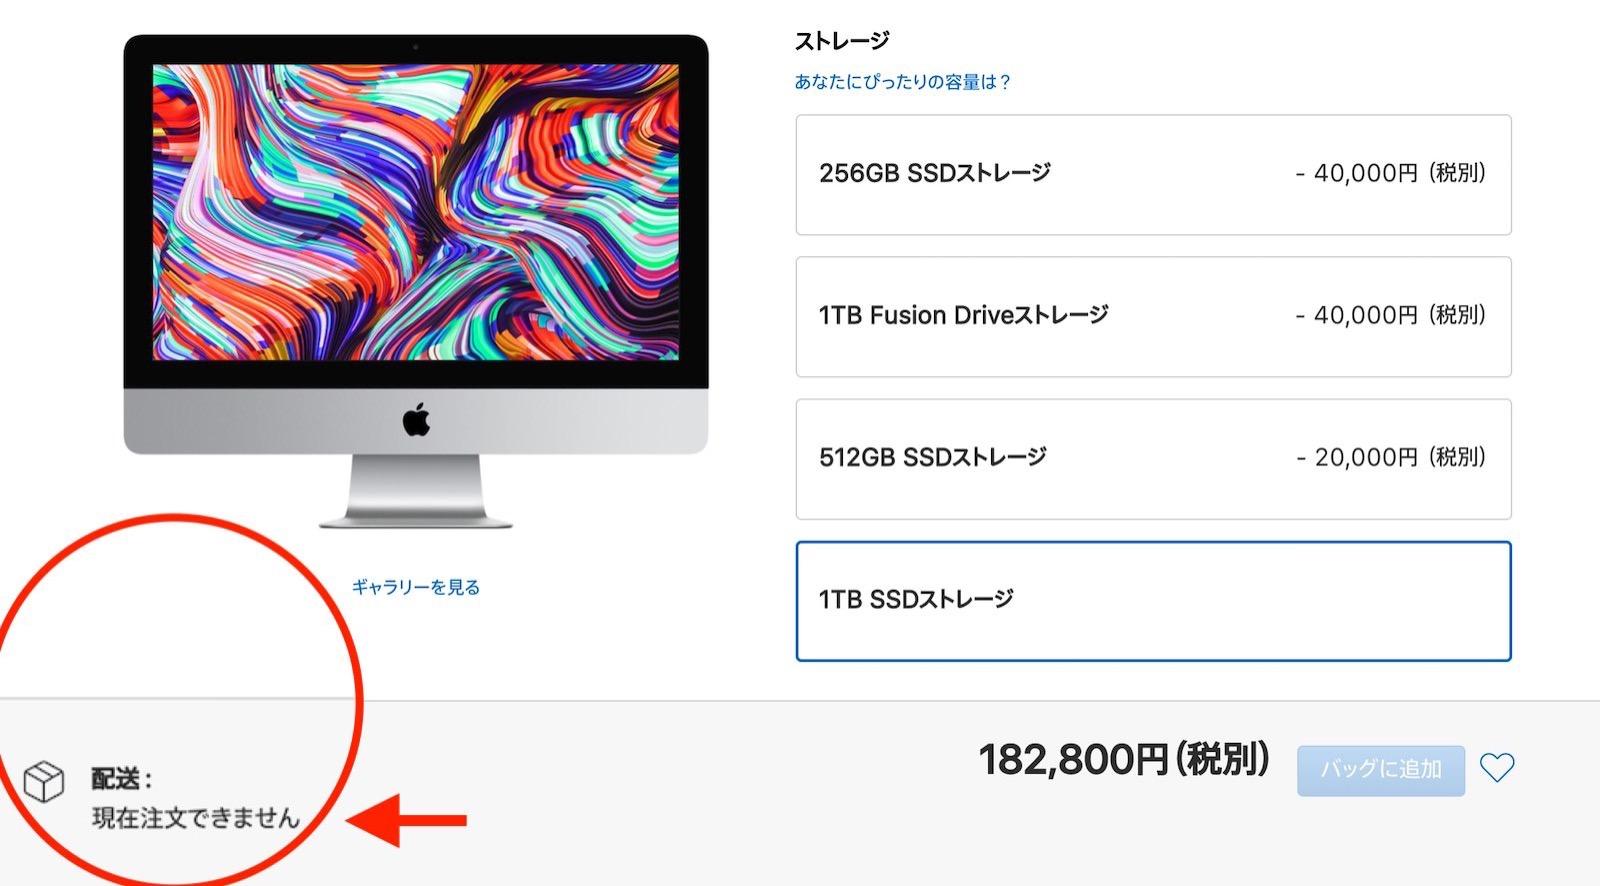 Imac unable to buy